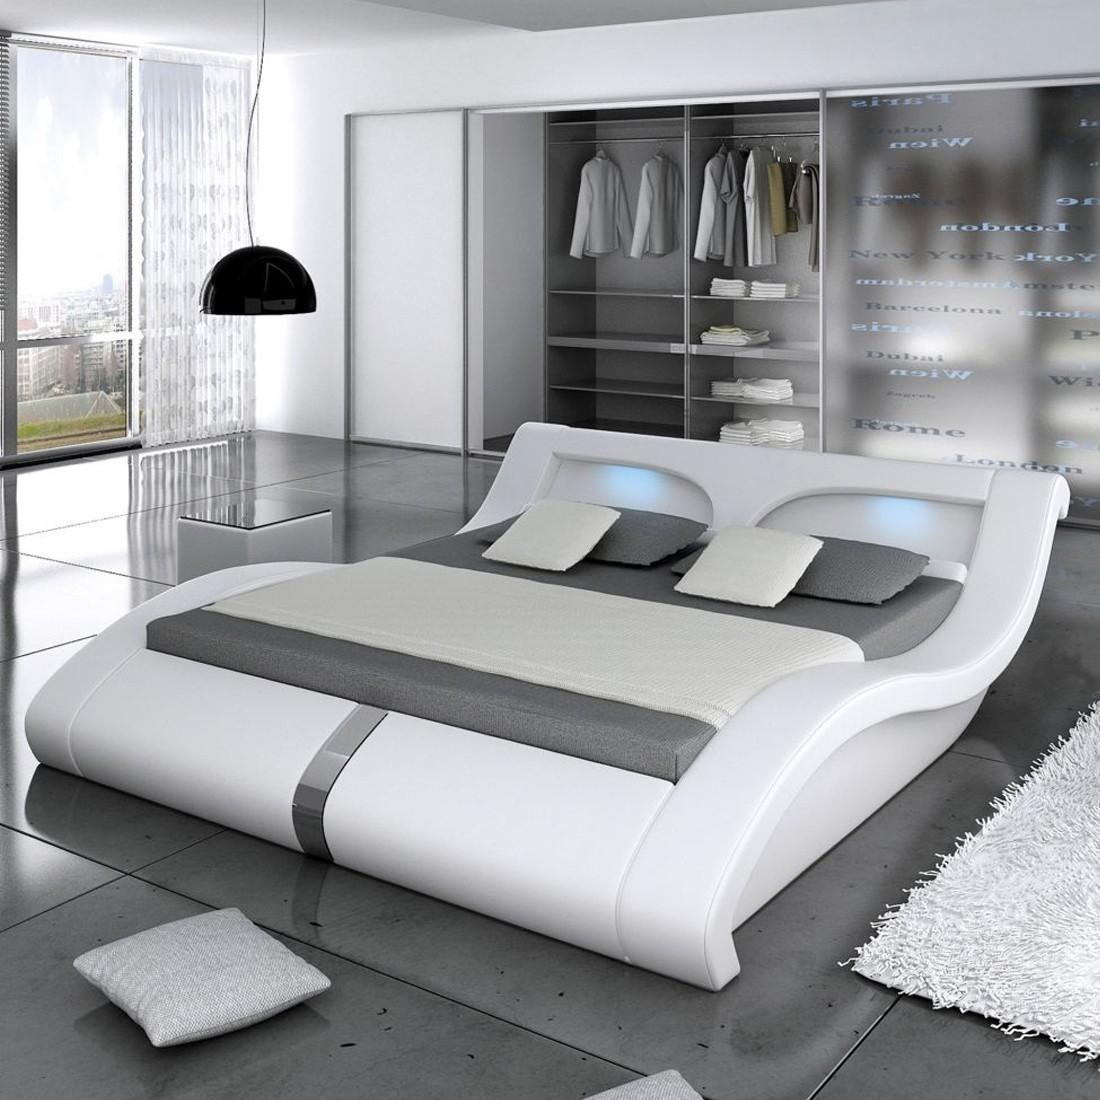 lit 2 places design lit design 2 places simili blanc. Black Bedroom Furniture Sets. Home Design Ideas